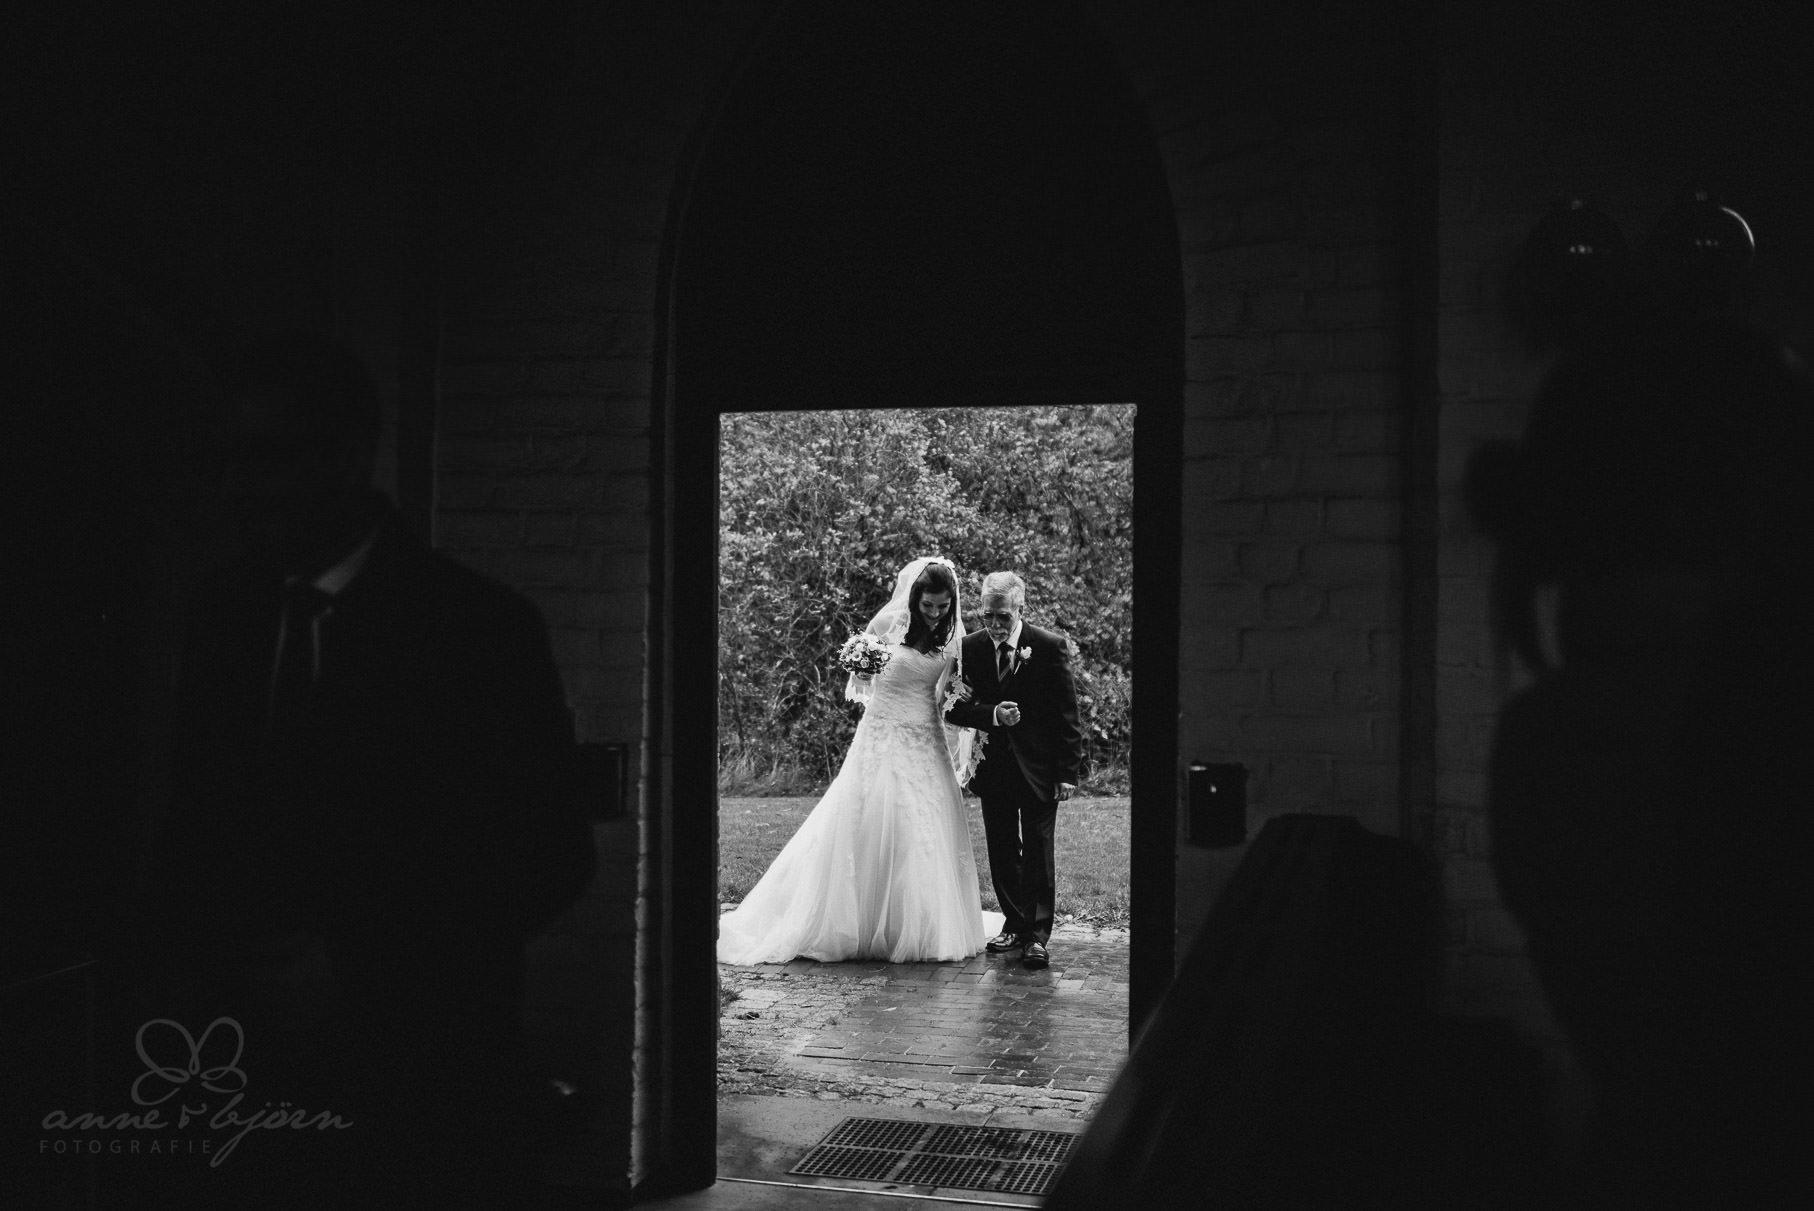 0043 aub 812 9380 - Hochzeit auf Gut Thansen - Anja & Björn